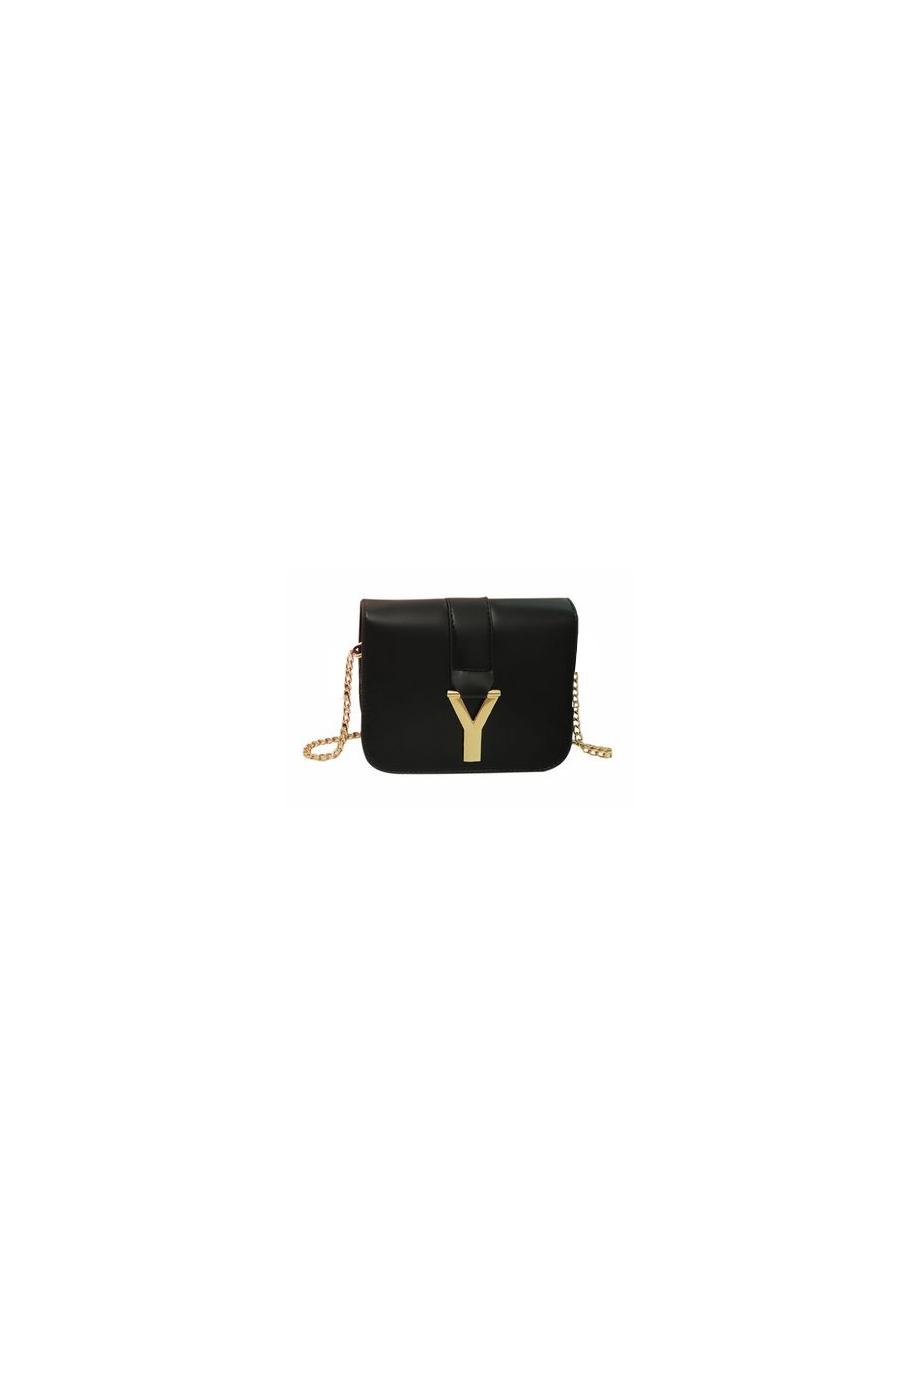 URSULA Y-Letter Shoulder Bag |Black| In Bags | JESSICABUURMAN [5822] - $55.00 : JESSICABUURMAN.COM